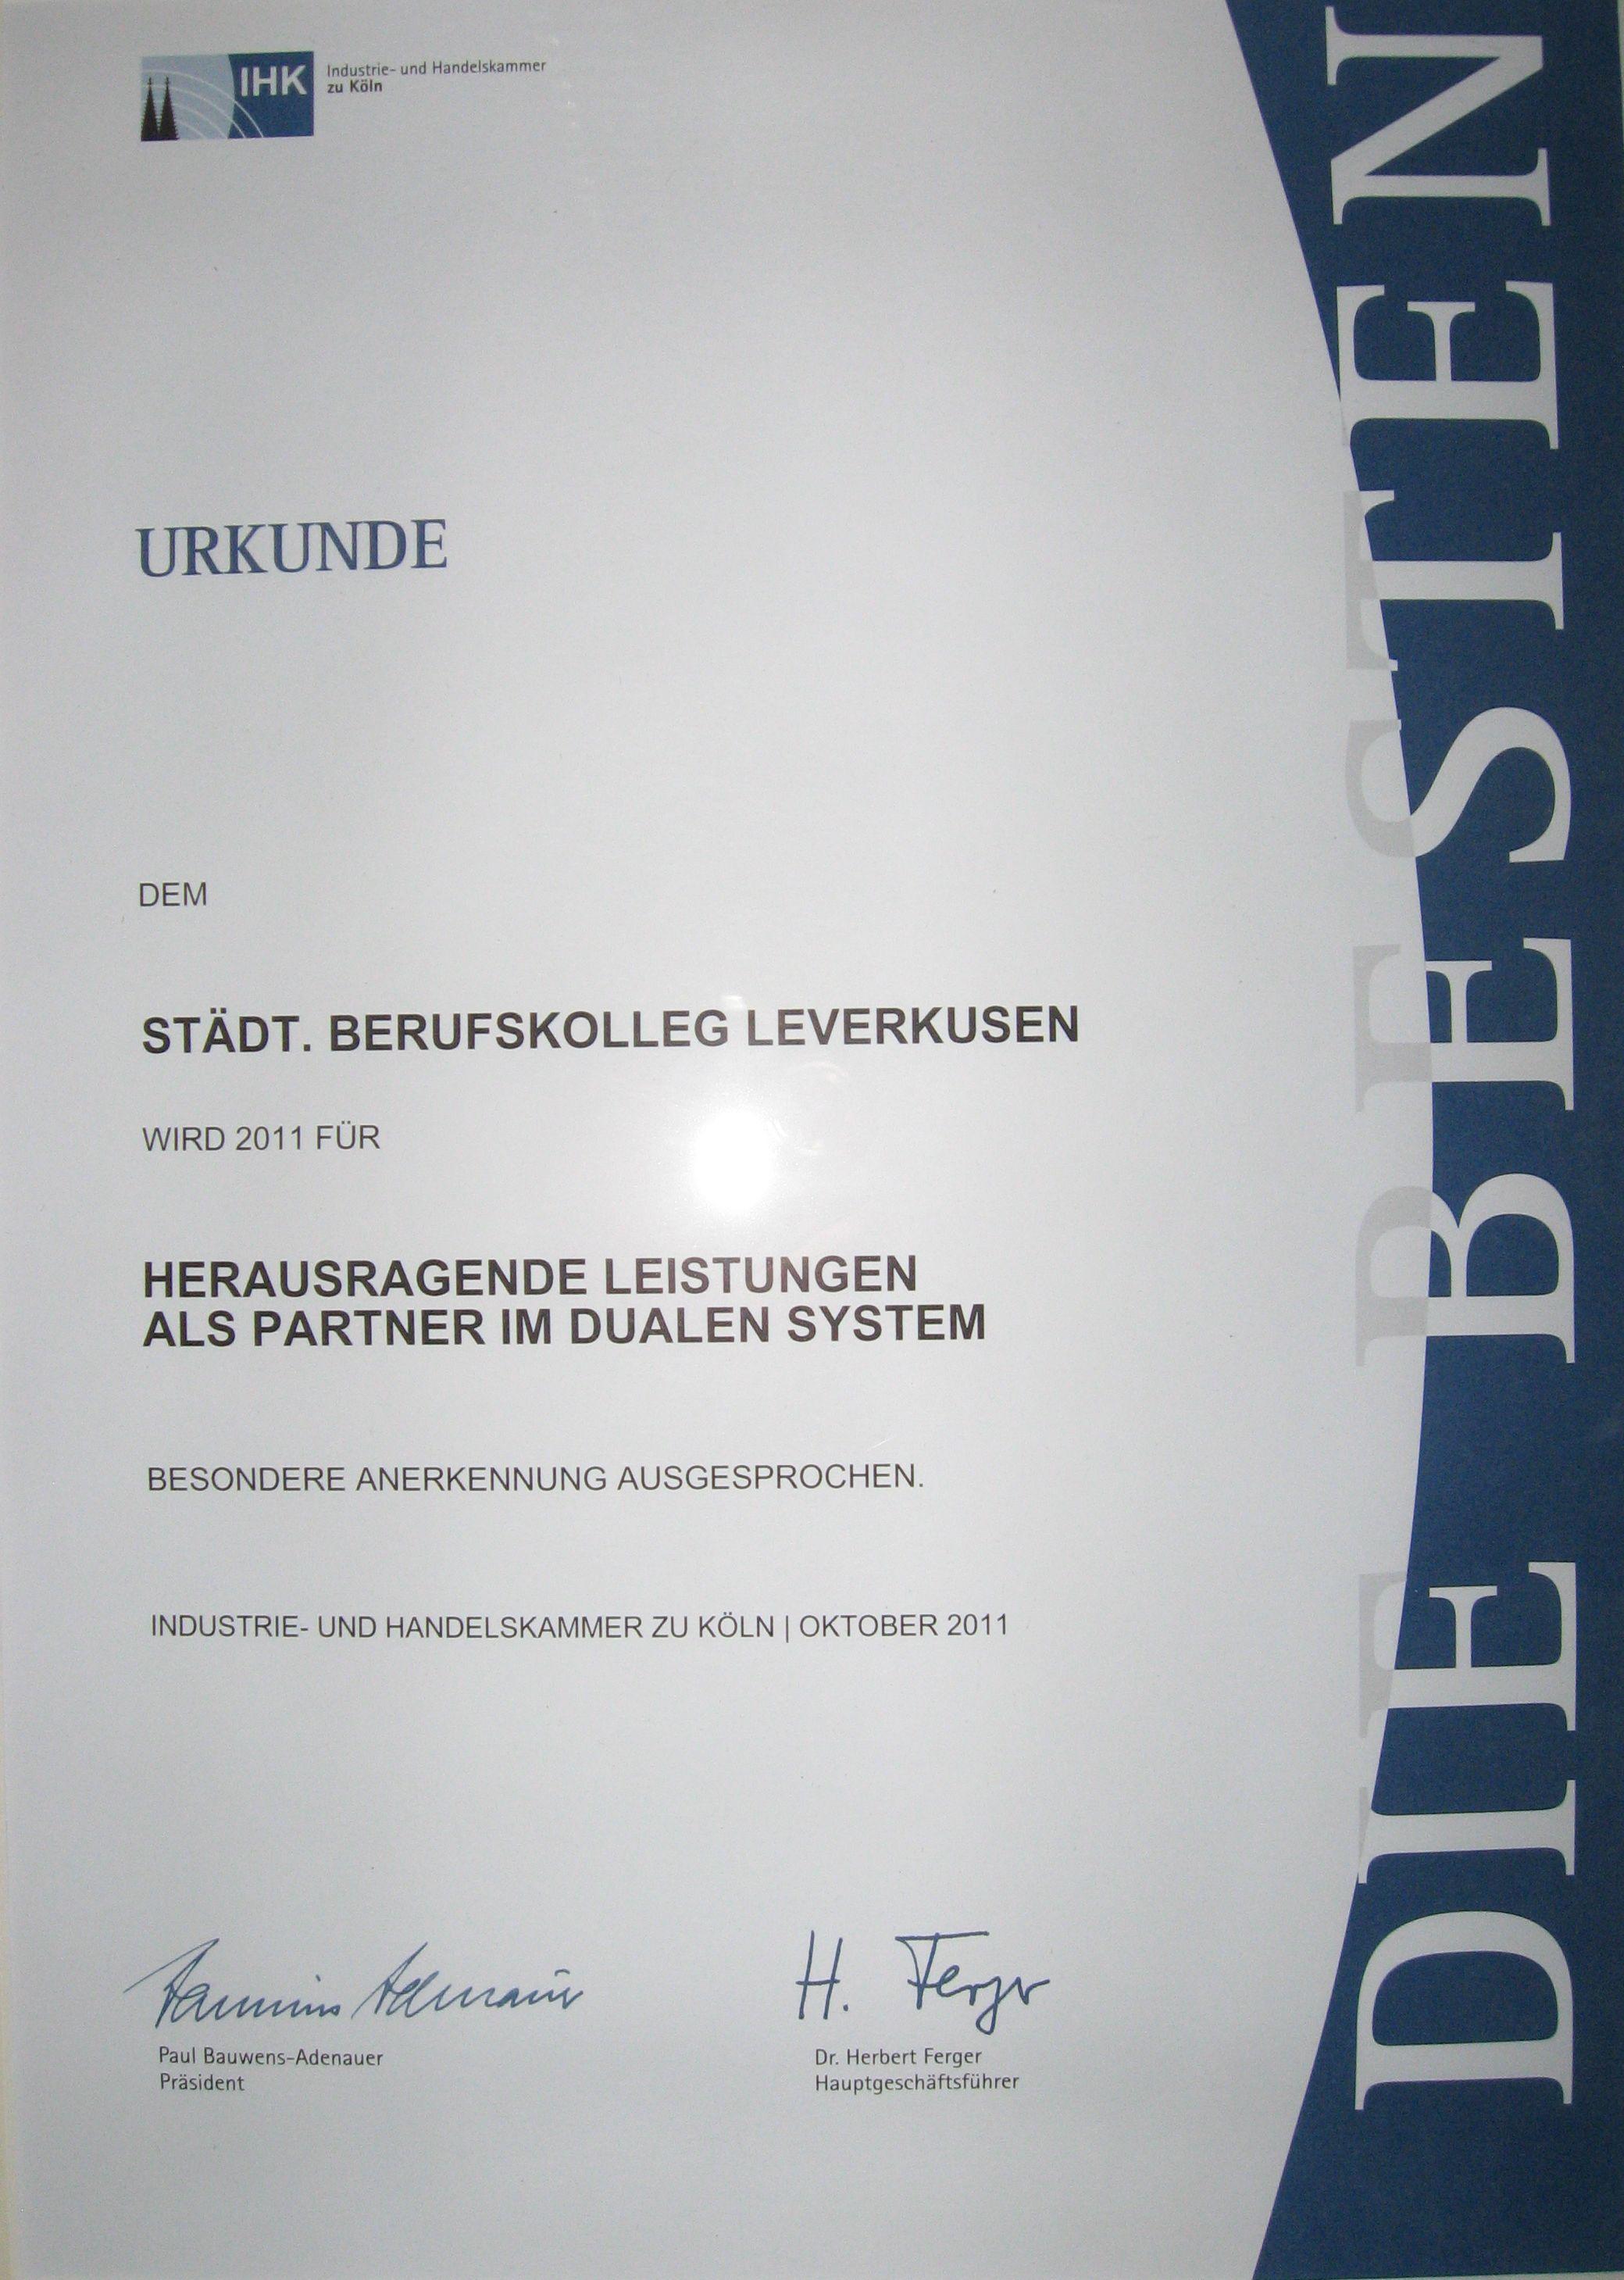 ihk-beste-2011